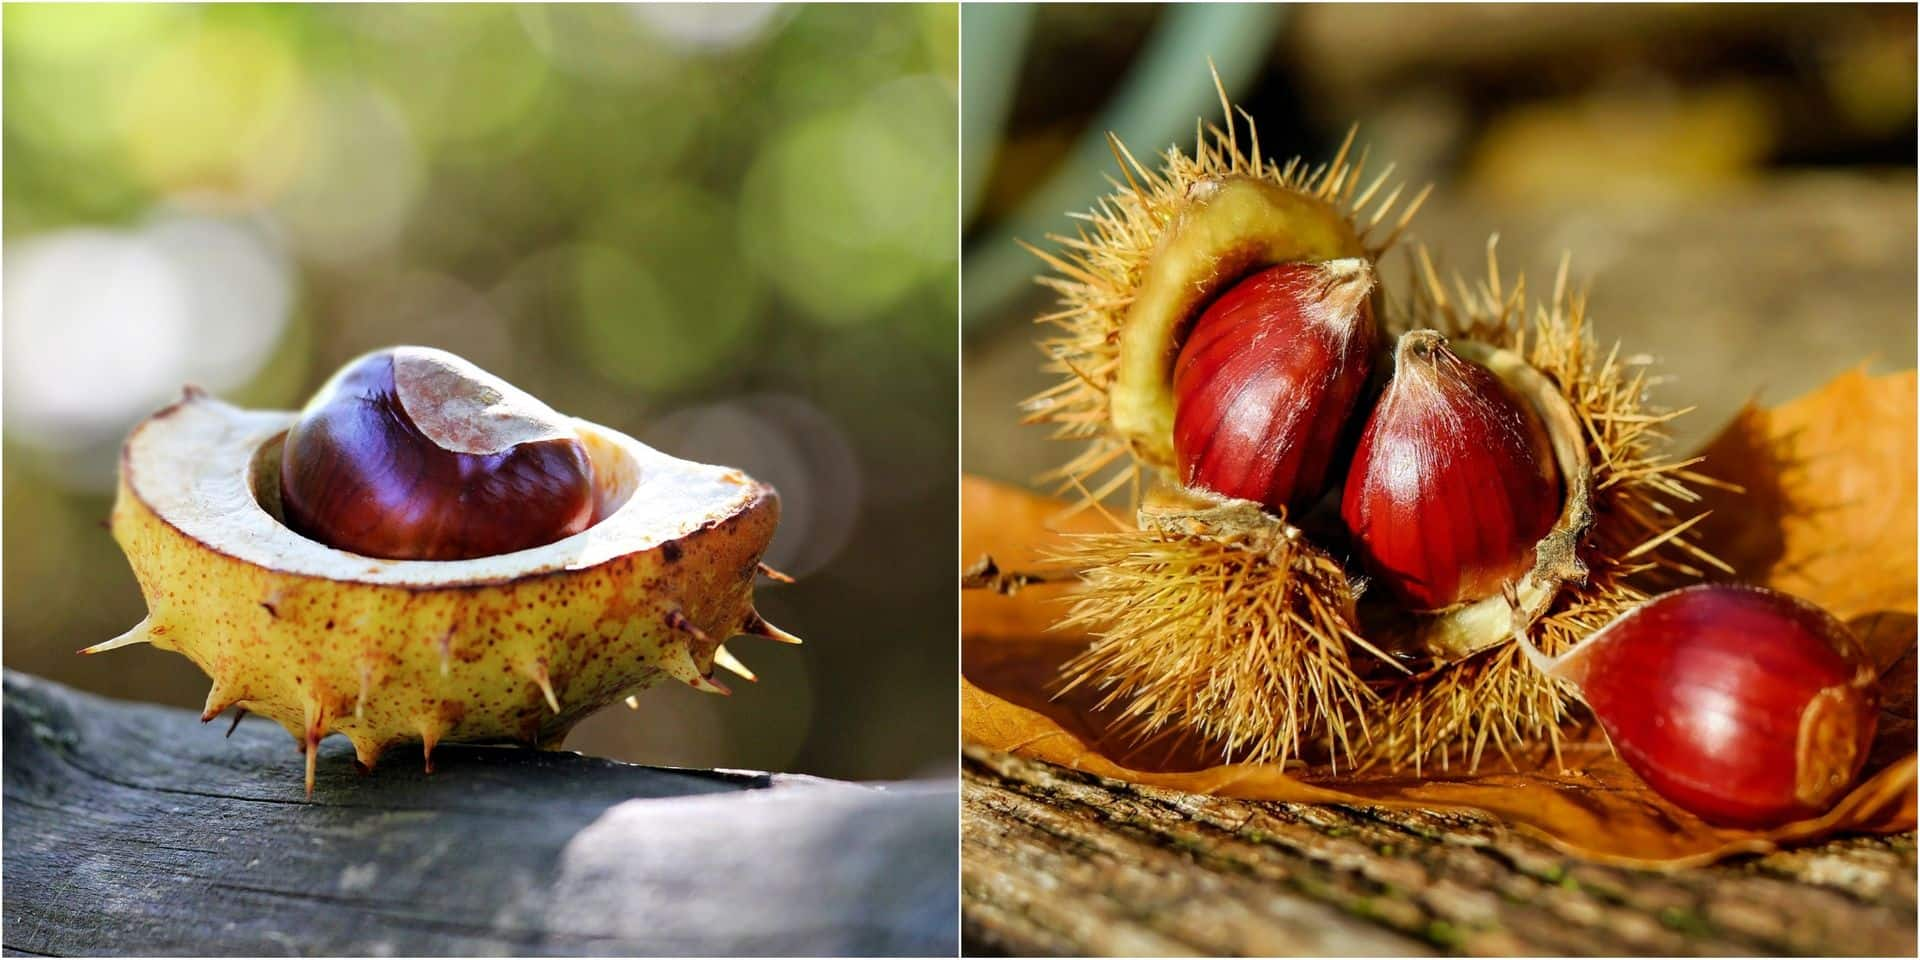 Châtaignes et marrons : quelles différences ? (INFOGRAPHIE)